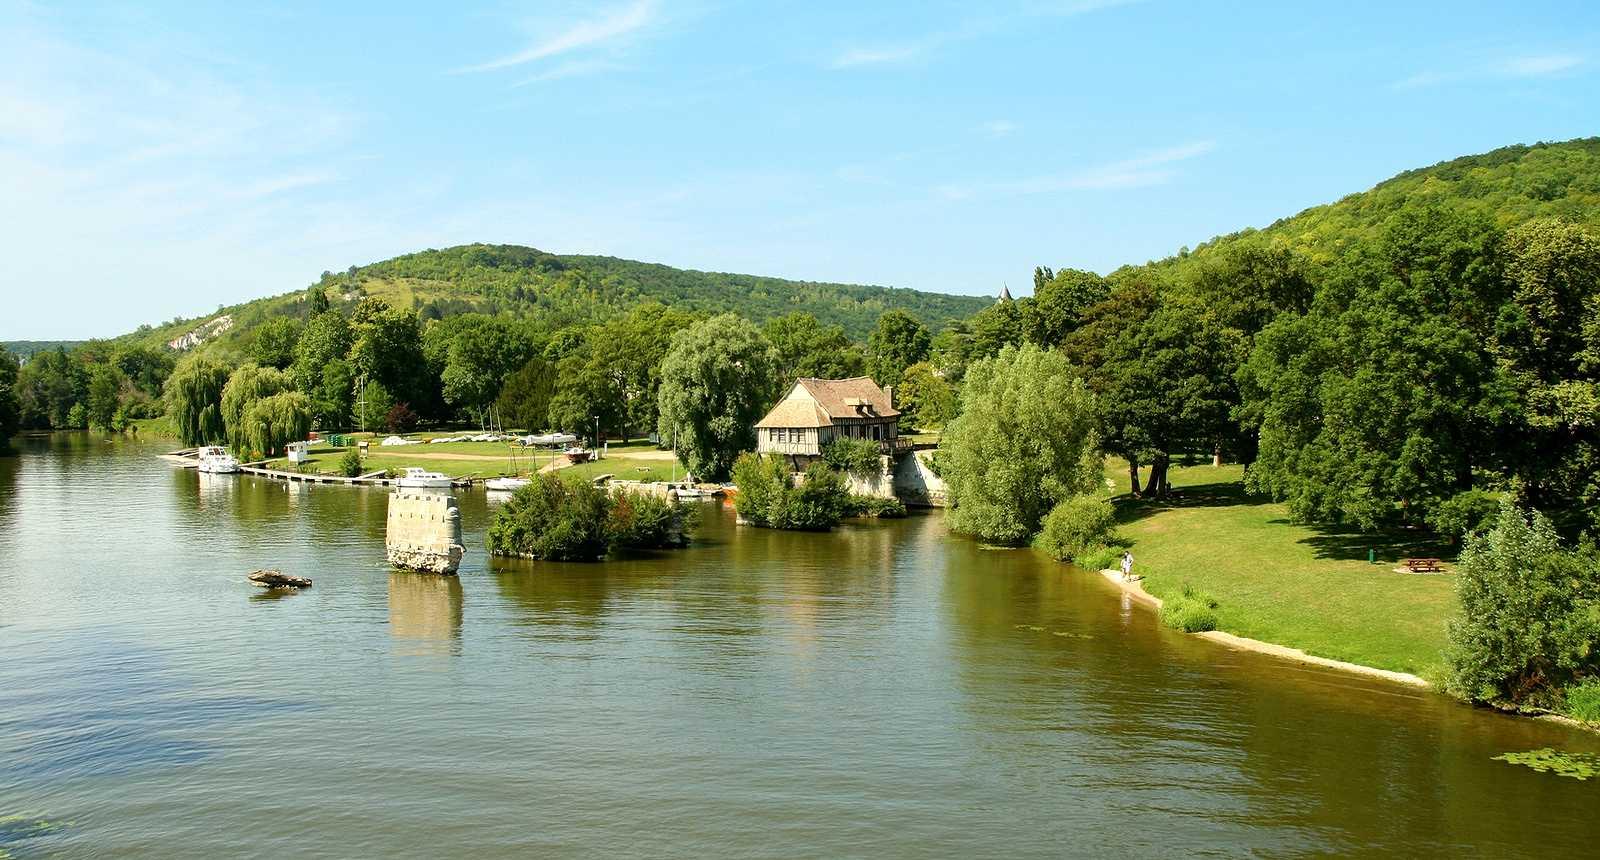 Les berges de la Seine à Vernon